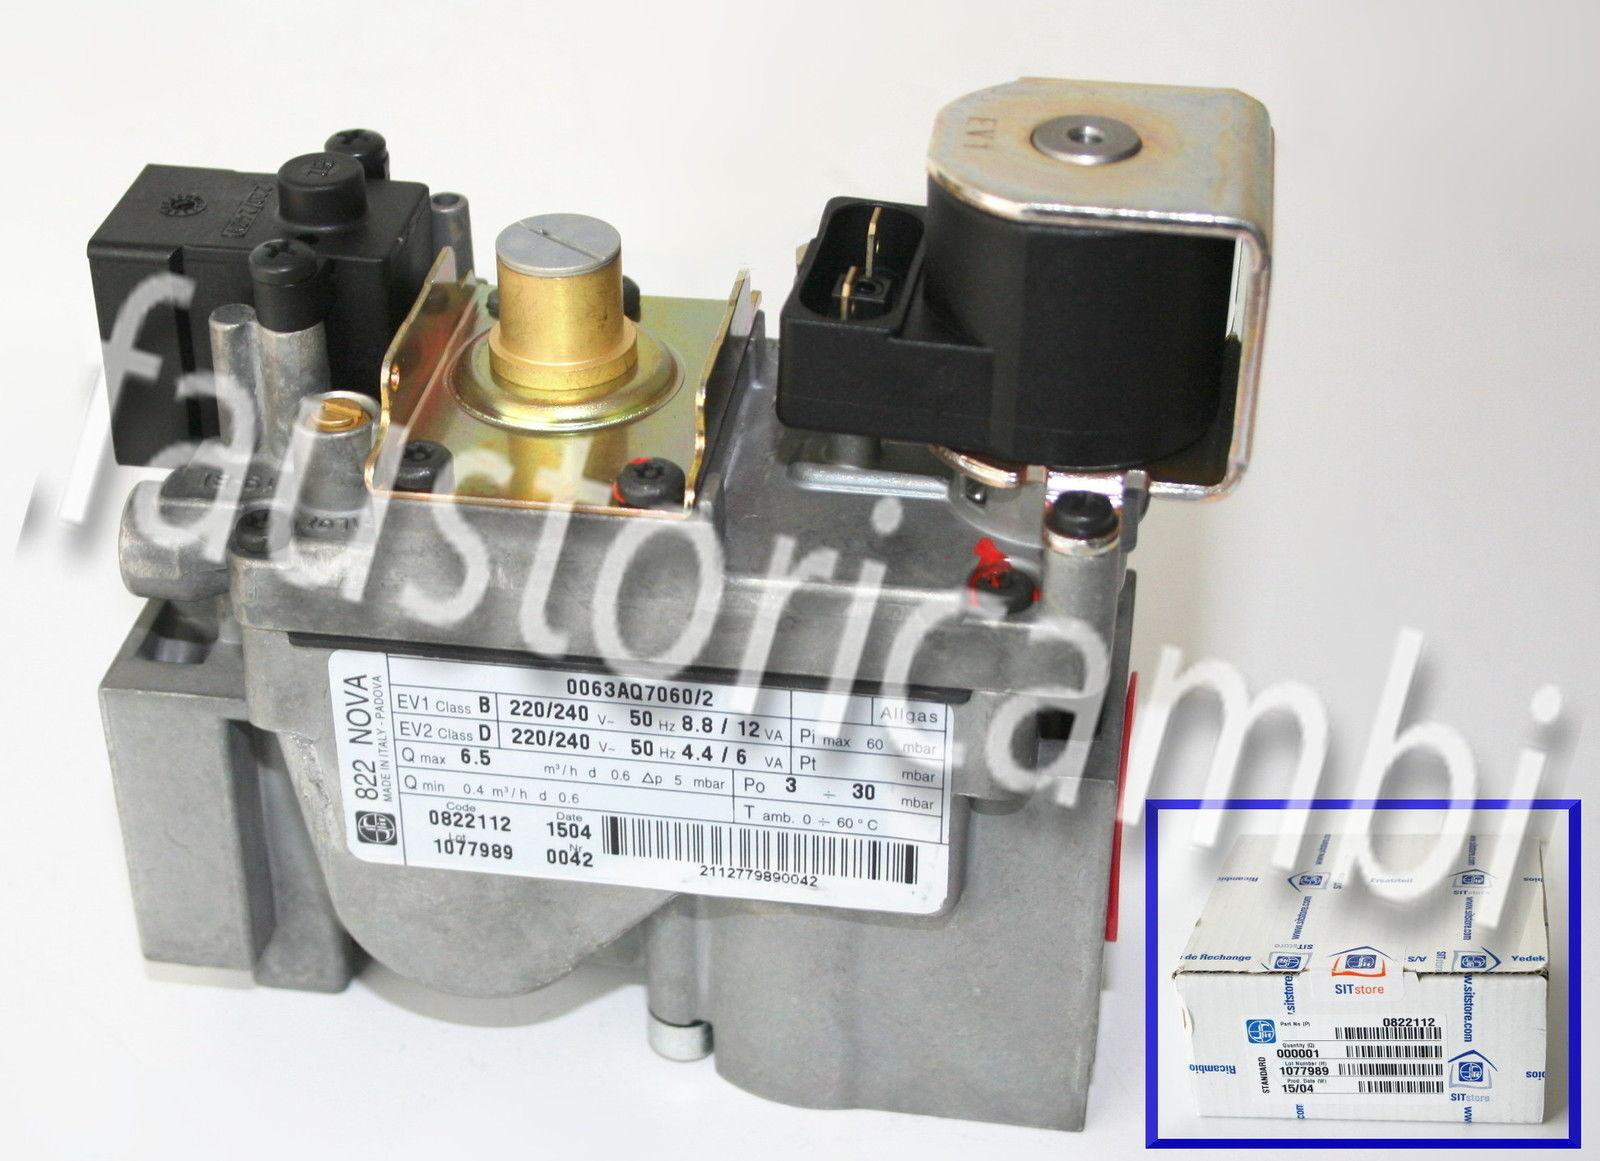 Hamworthy SIT 822 VALVOLA GAS NOVA 533903021 0063AQ7060//2 0822114 1ST CLASSE DEL